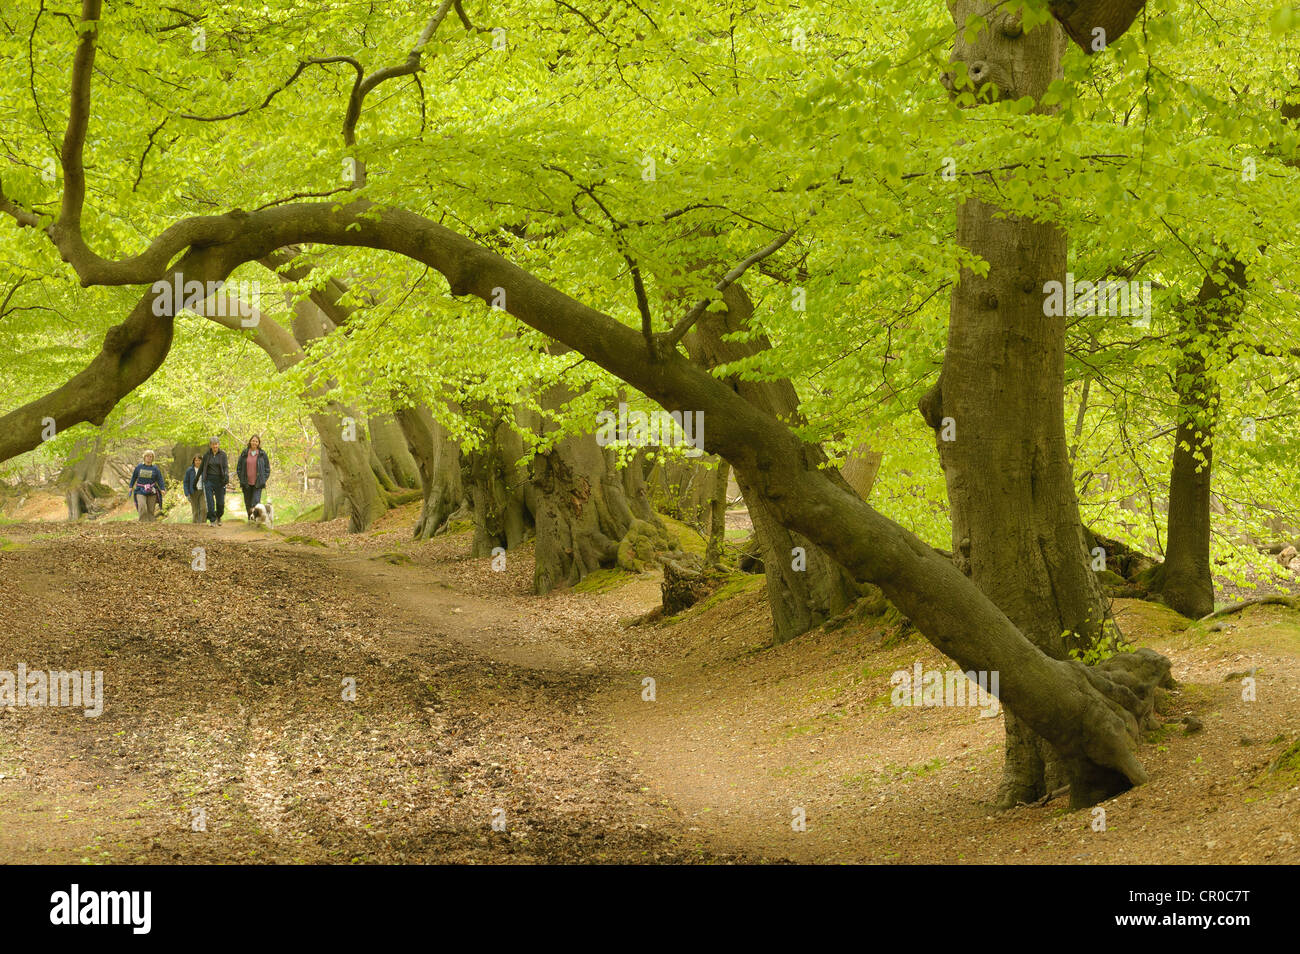 Les gens qui marchent dans les bois de hêtre au printemps. Forêt de Ashridge, Hertfordshire, Angleterre. Mai. Banque D'Images